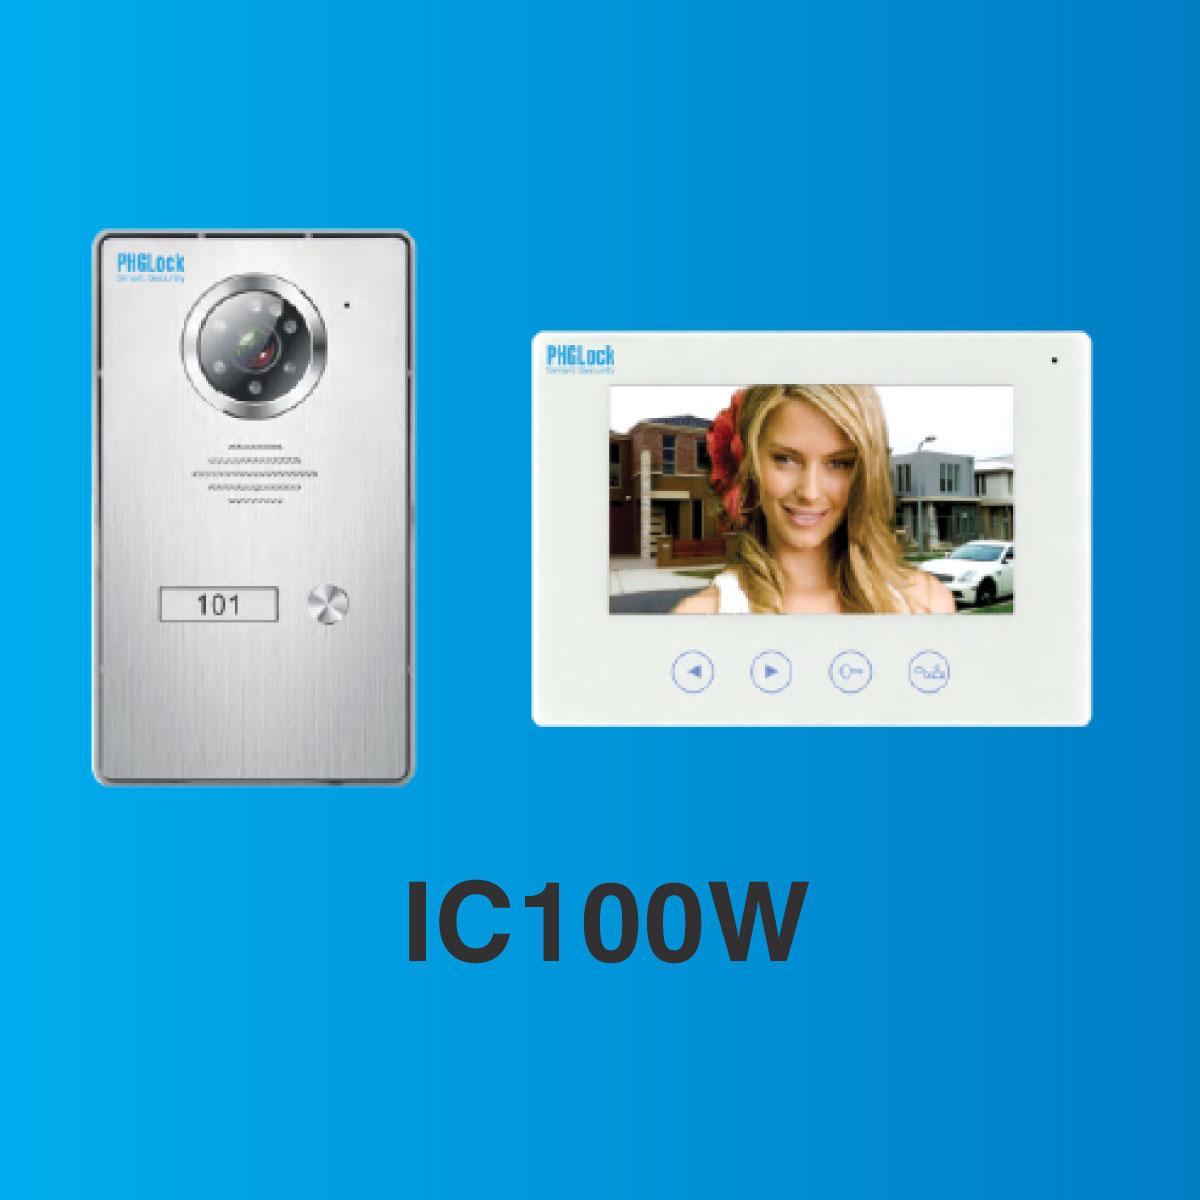 Bộ chuông cửa màn hình màu PHGLock IC100W ,PHGLock IC100W,Chuông cửa màn hình cảm ứng PHGLOCK IC100W